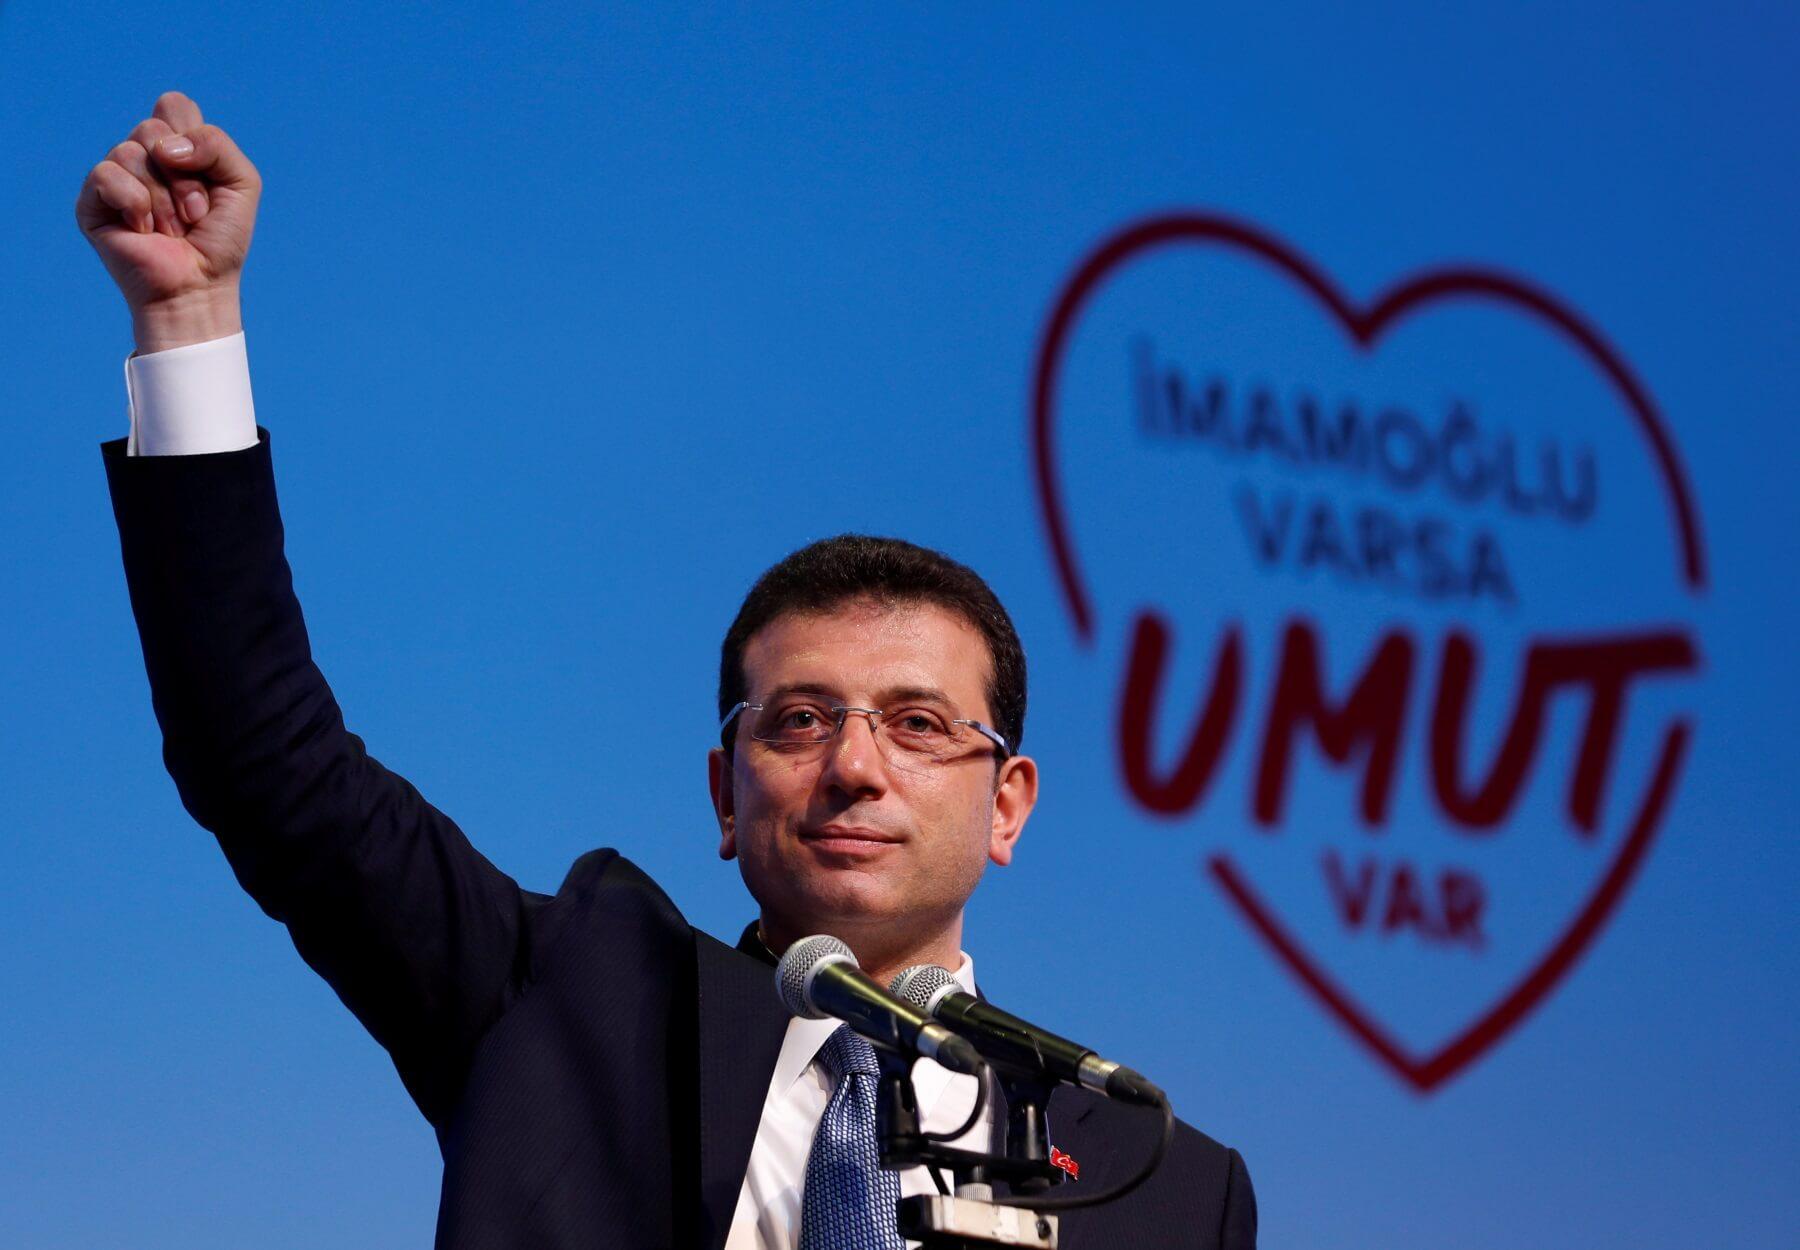 Κωνσταντινούπολη: Μπροστά ο Ιμάμογλου ενόψει των επαναληπτικών δημοτικών εκλογών!